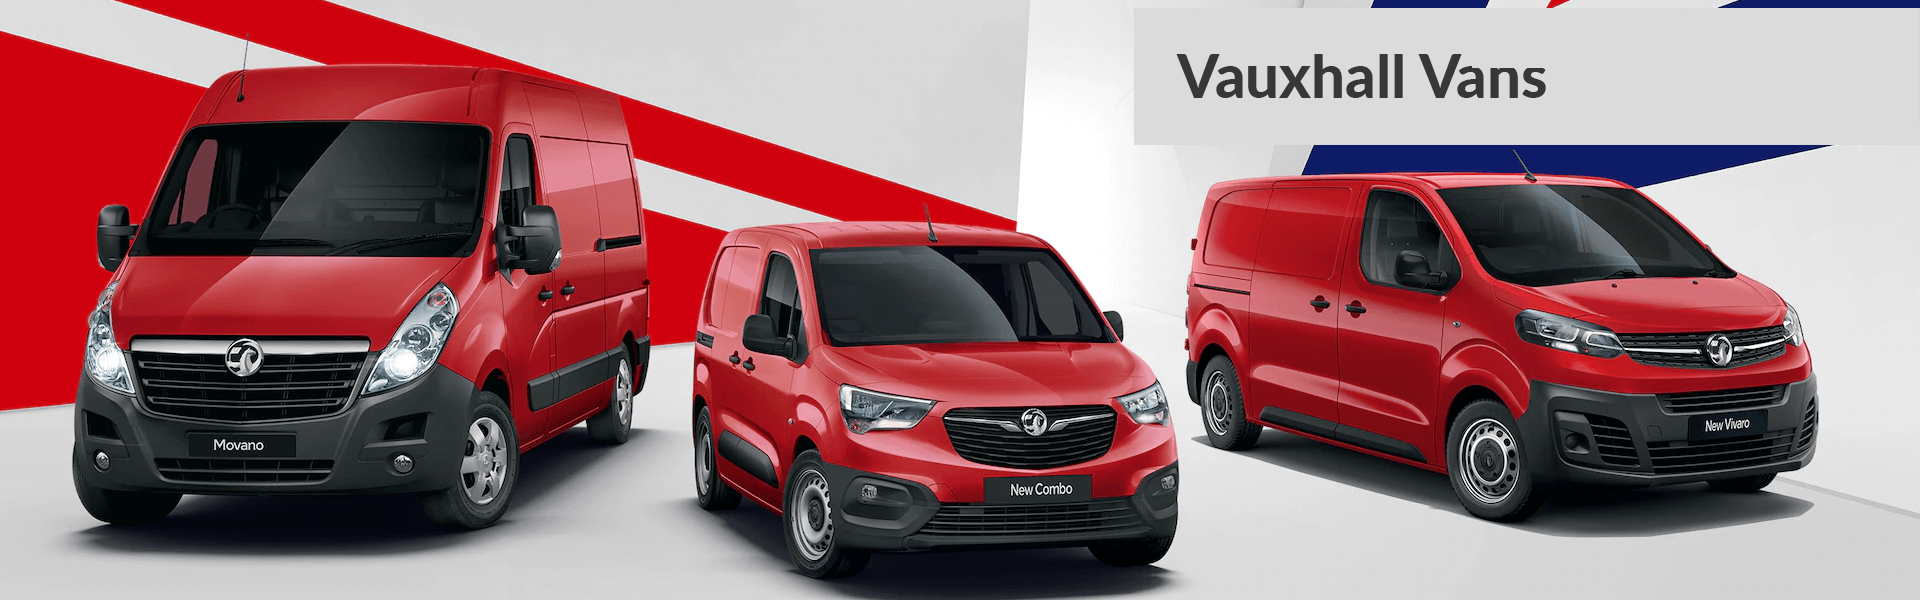 Vauxhall Vans Desktop